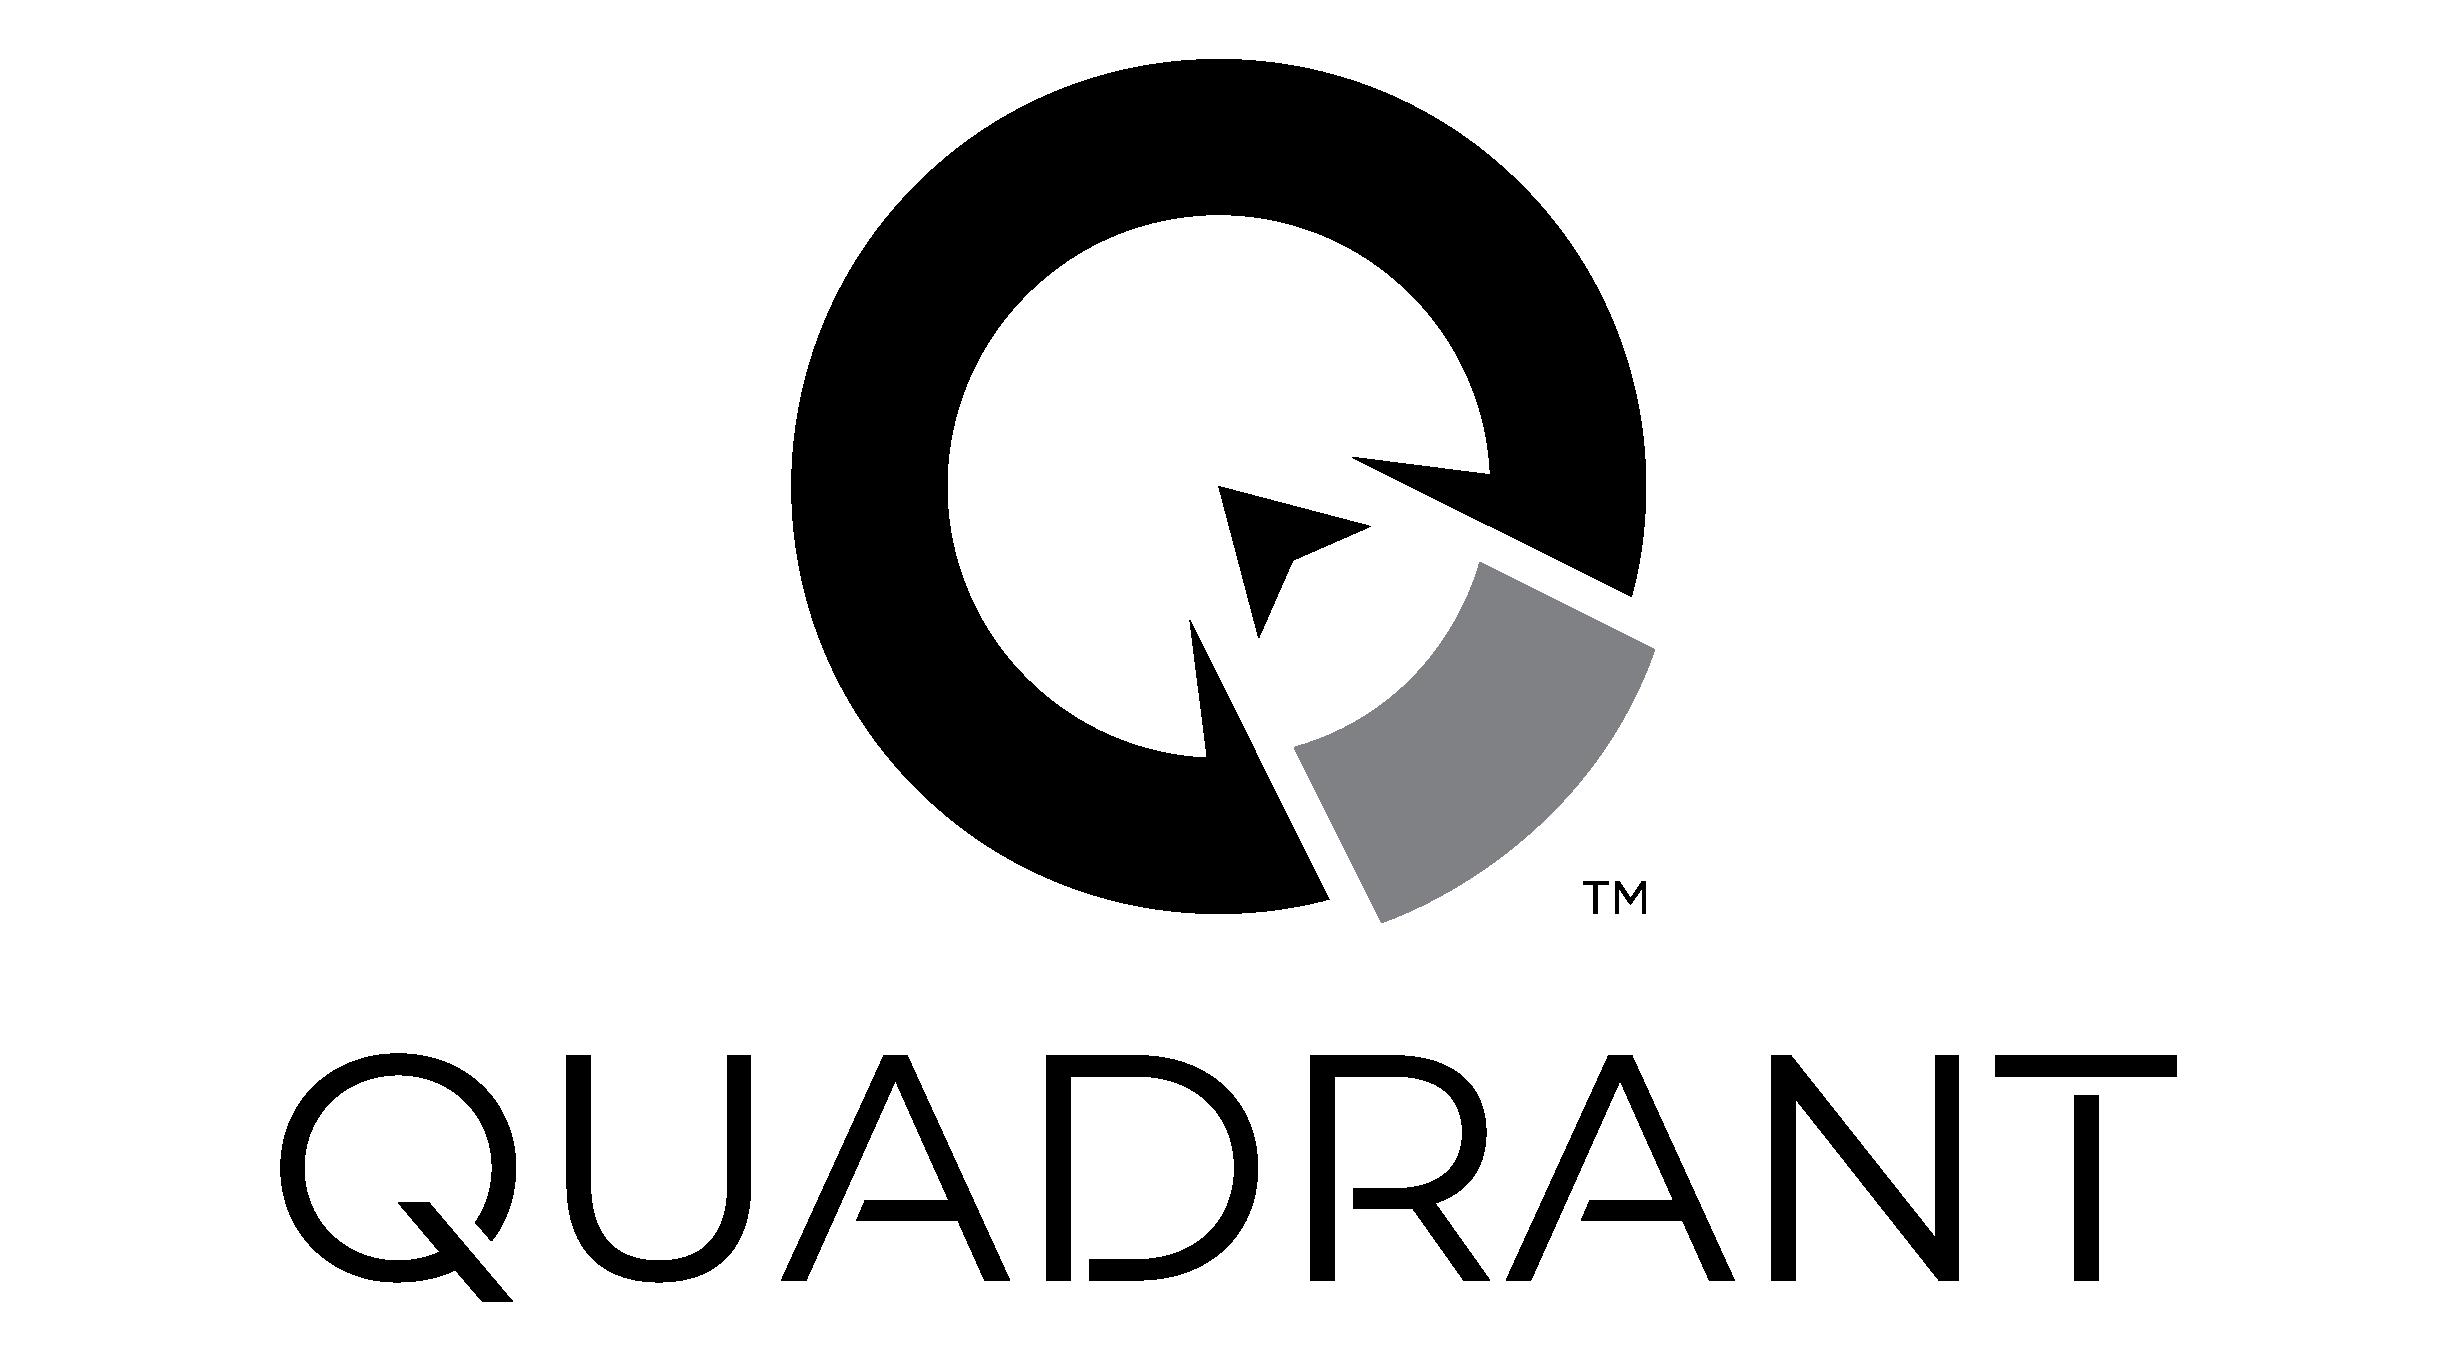 Quadrant Clothing